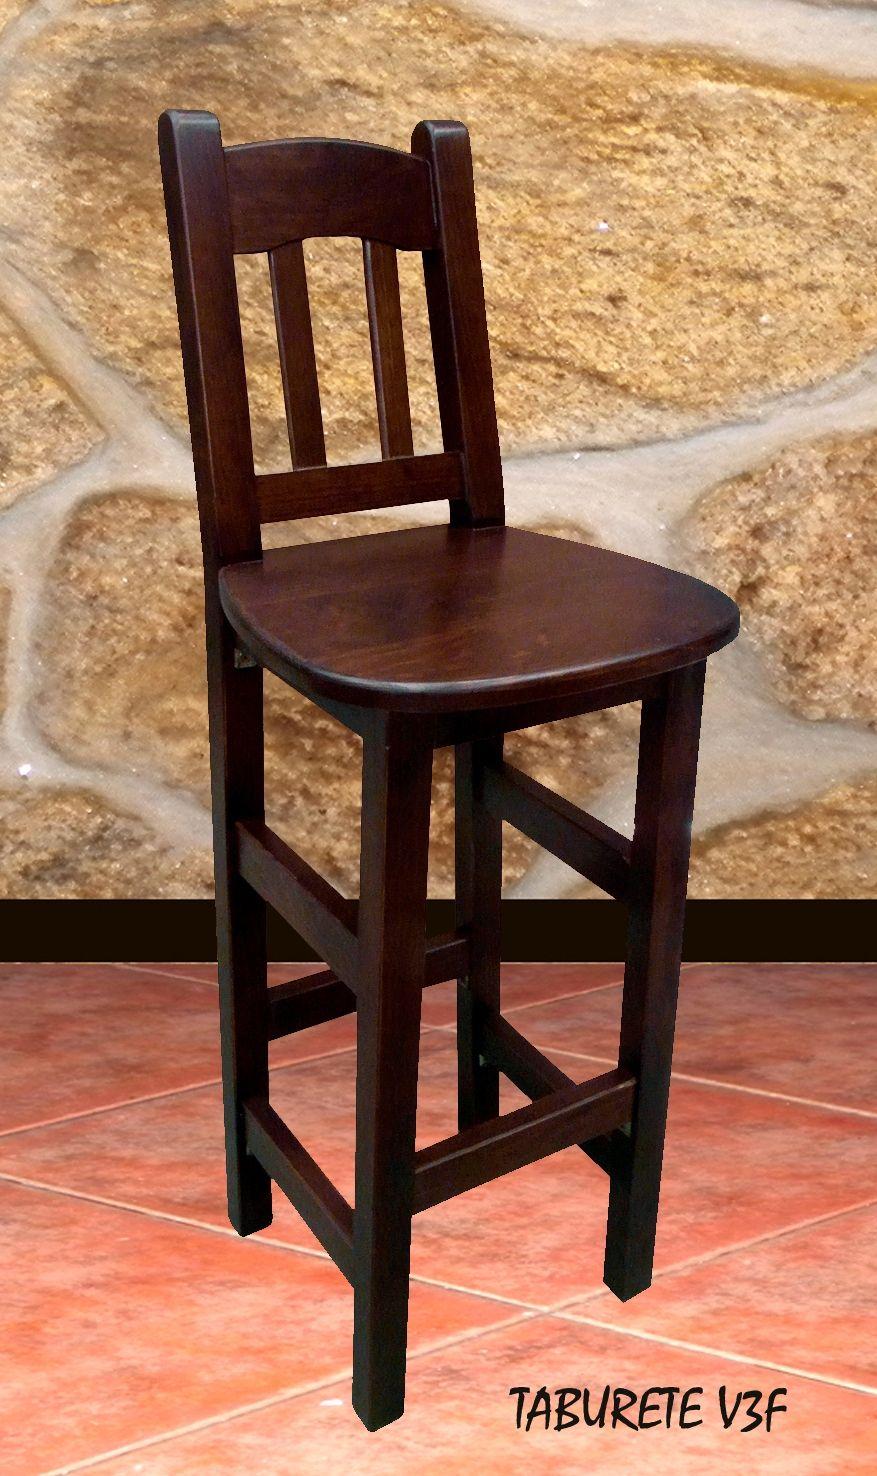 Taburete madera con respaldo v3f mobiliario de madera - Butacas para bar ...